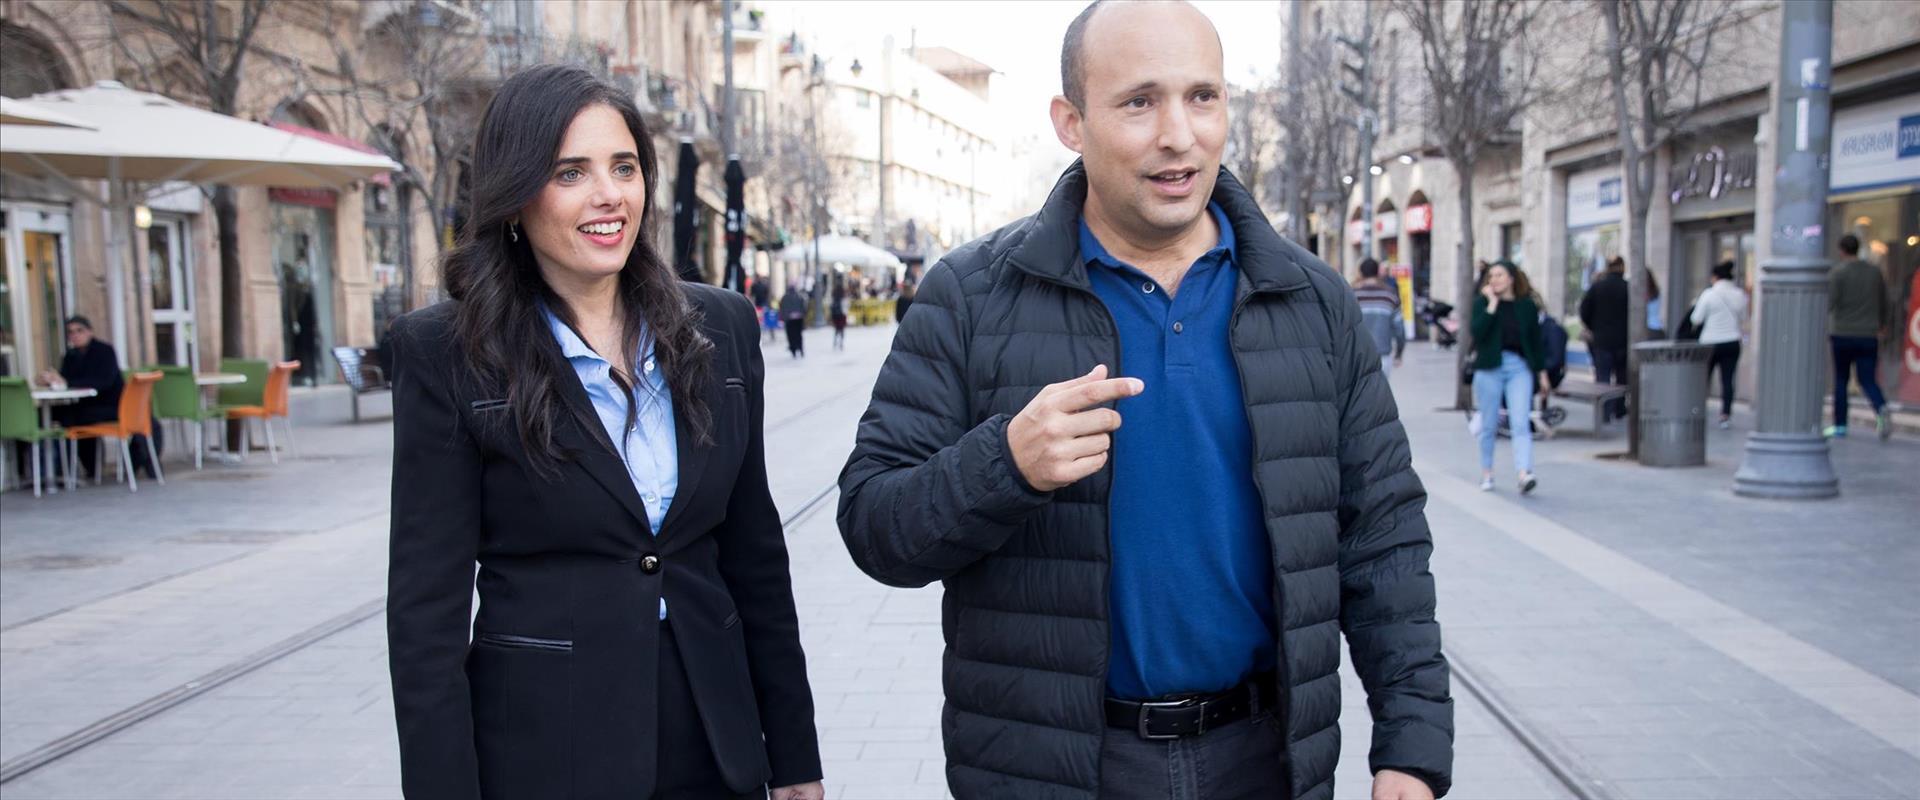 בנט ושקד מסיירים בירושלים, בשבוע שעבר